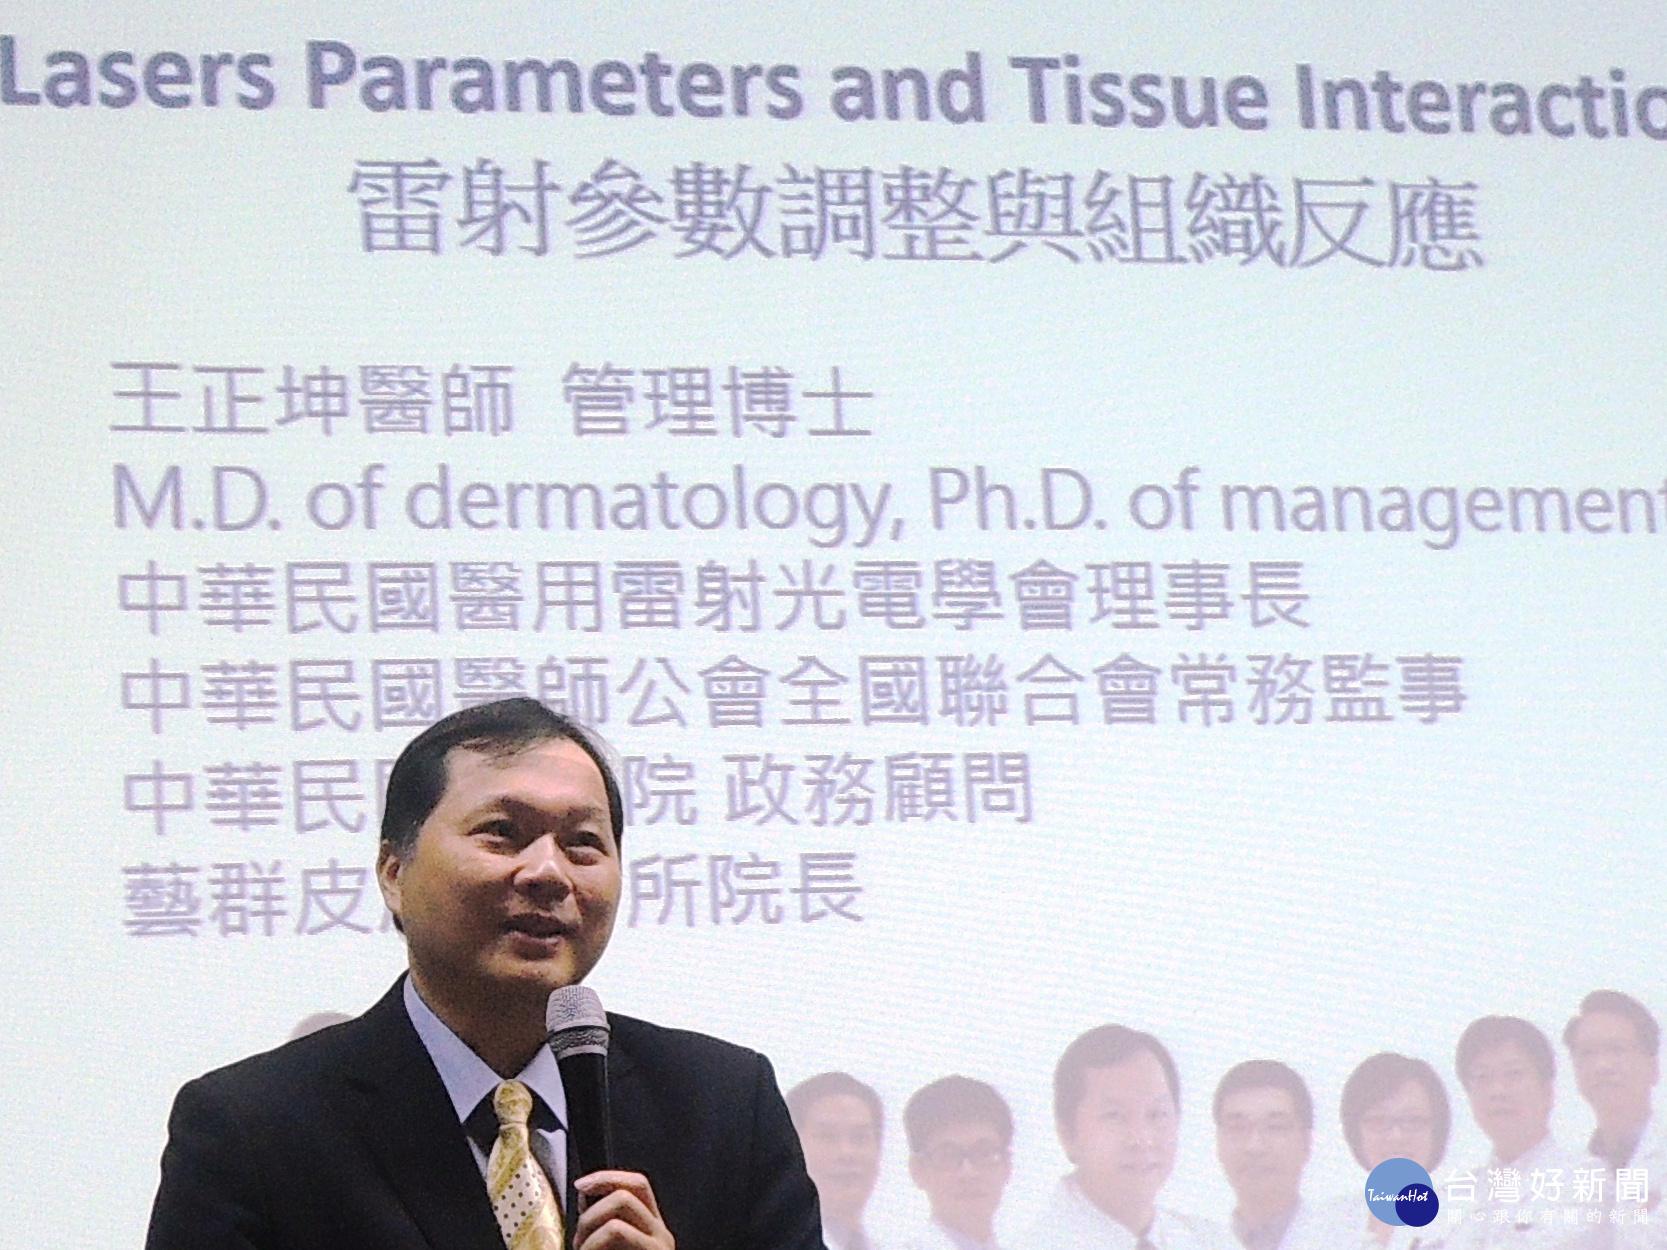 「雙波脈衝光治療青春痘與血管」 醫學美容學術研討會登場